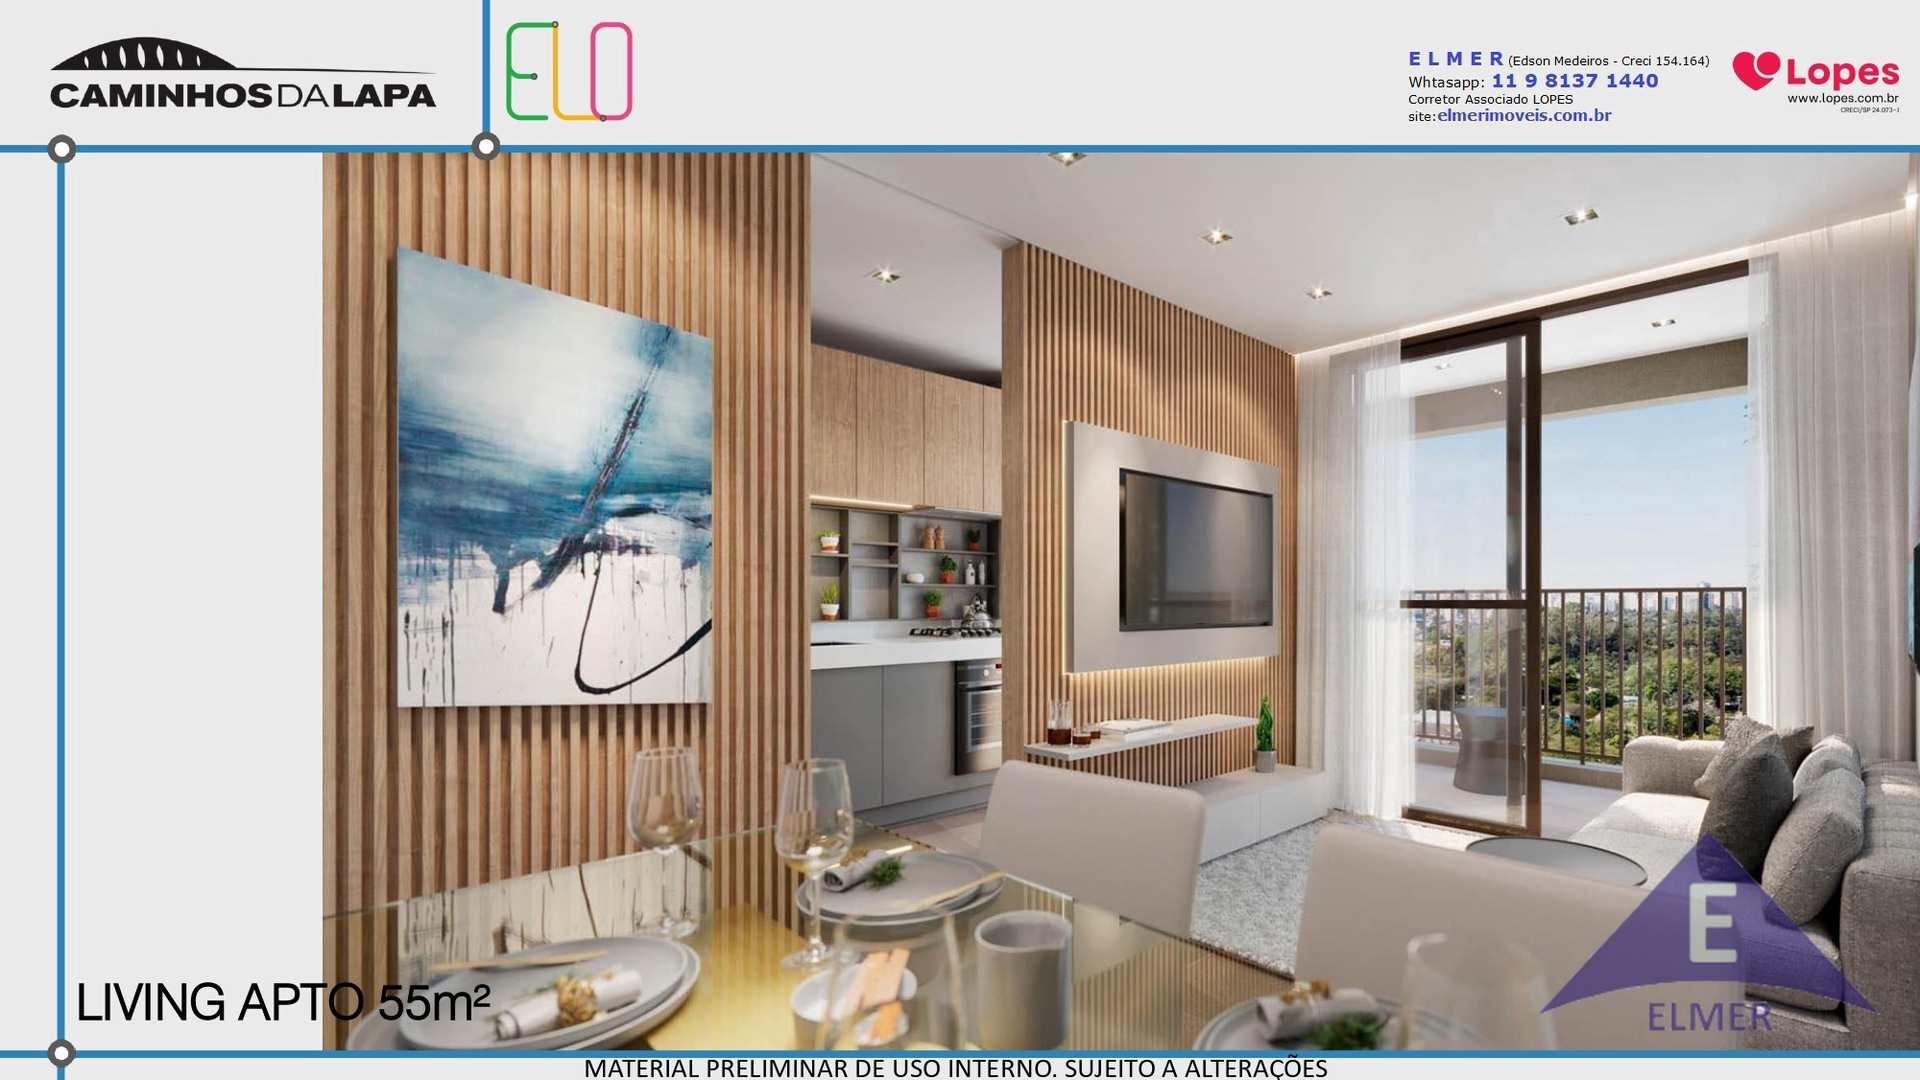 ELO - Living 55 m² - Elmer